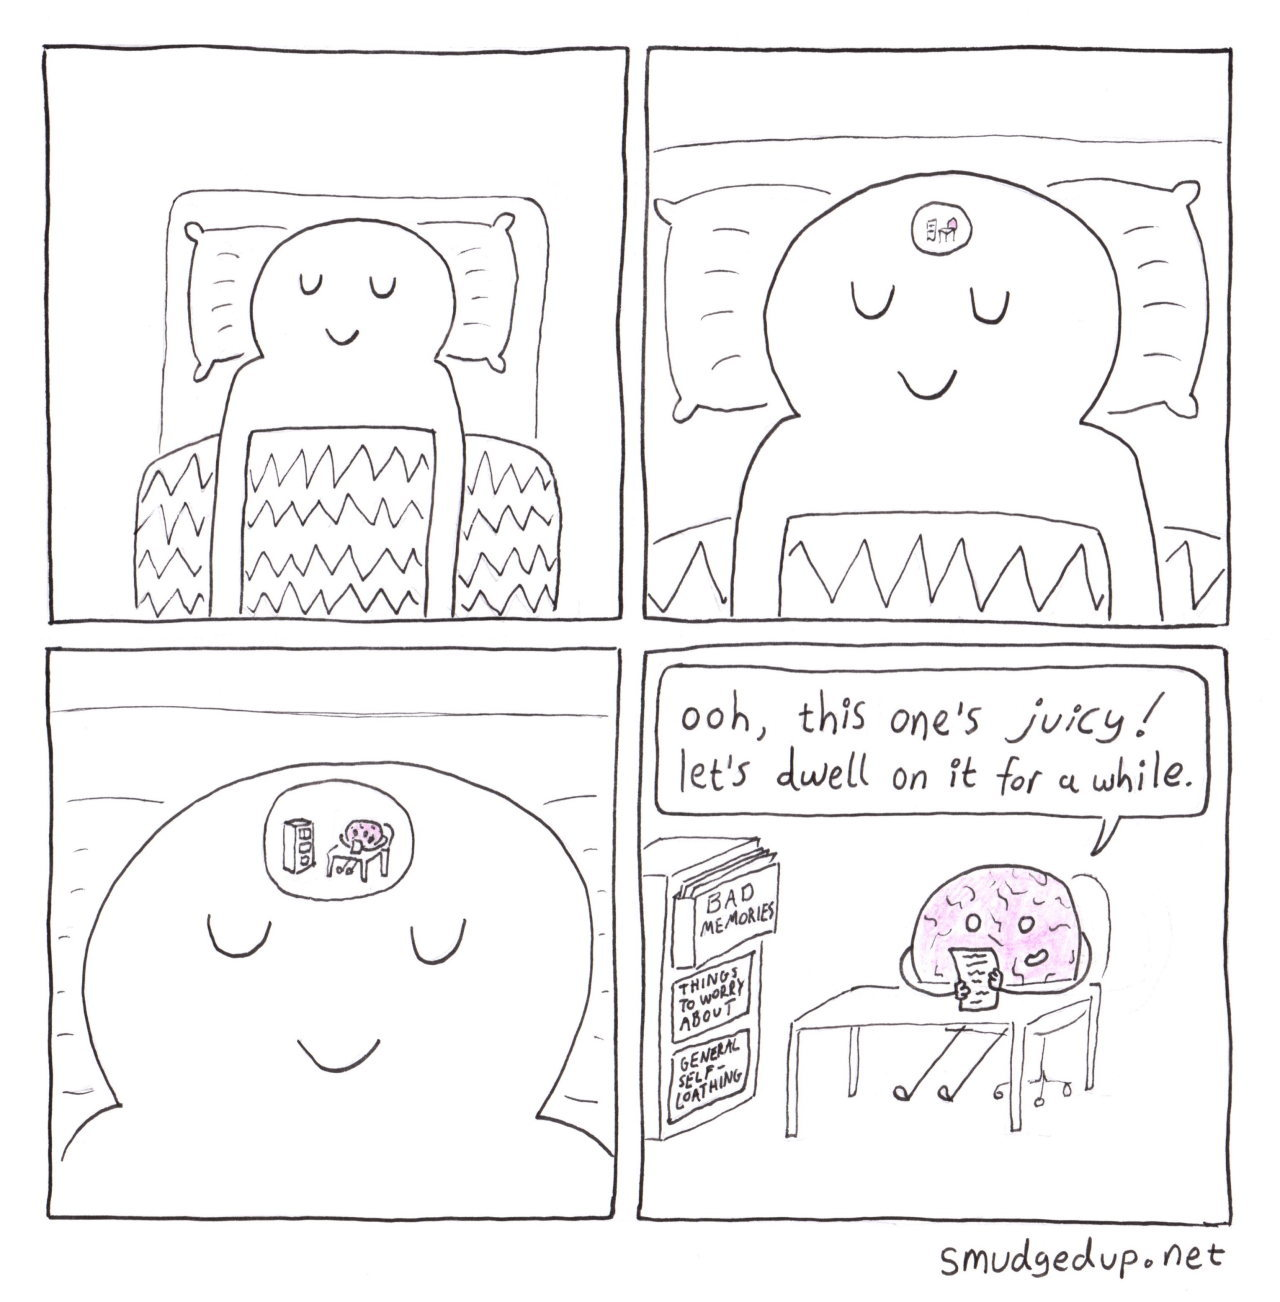 Now I can't sleep - meme